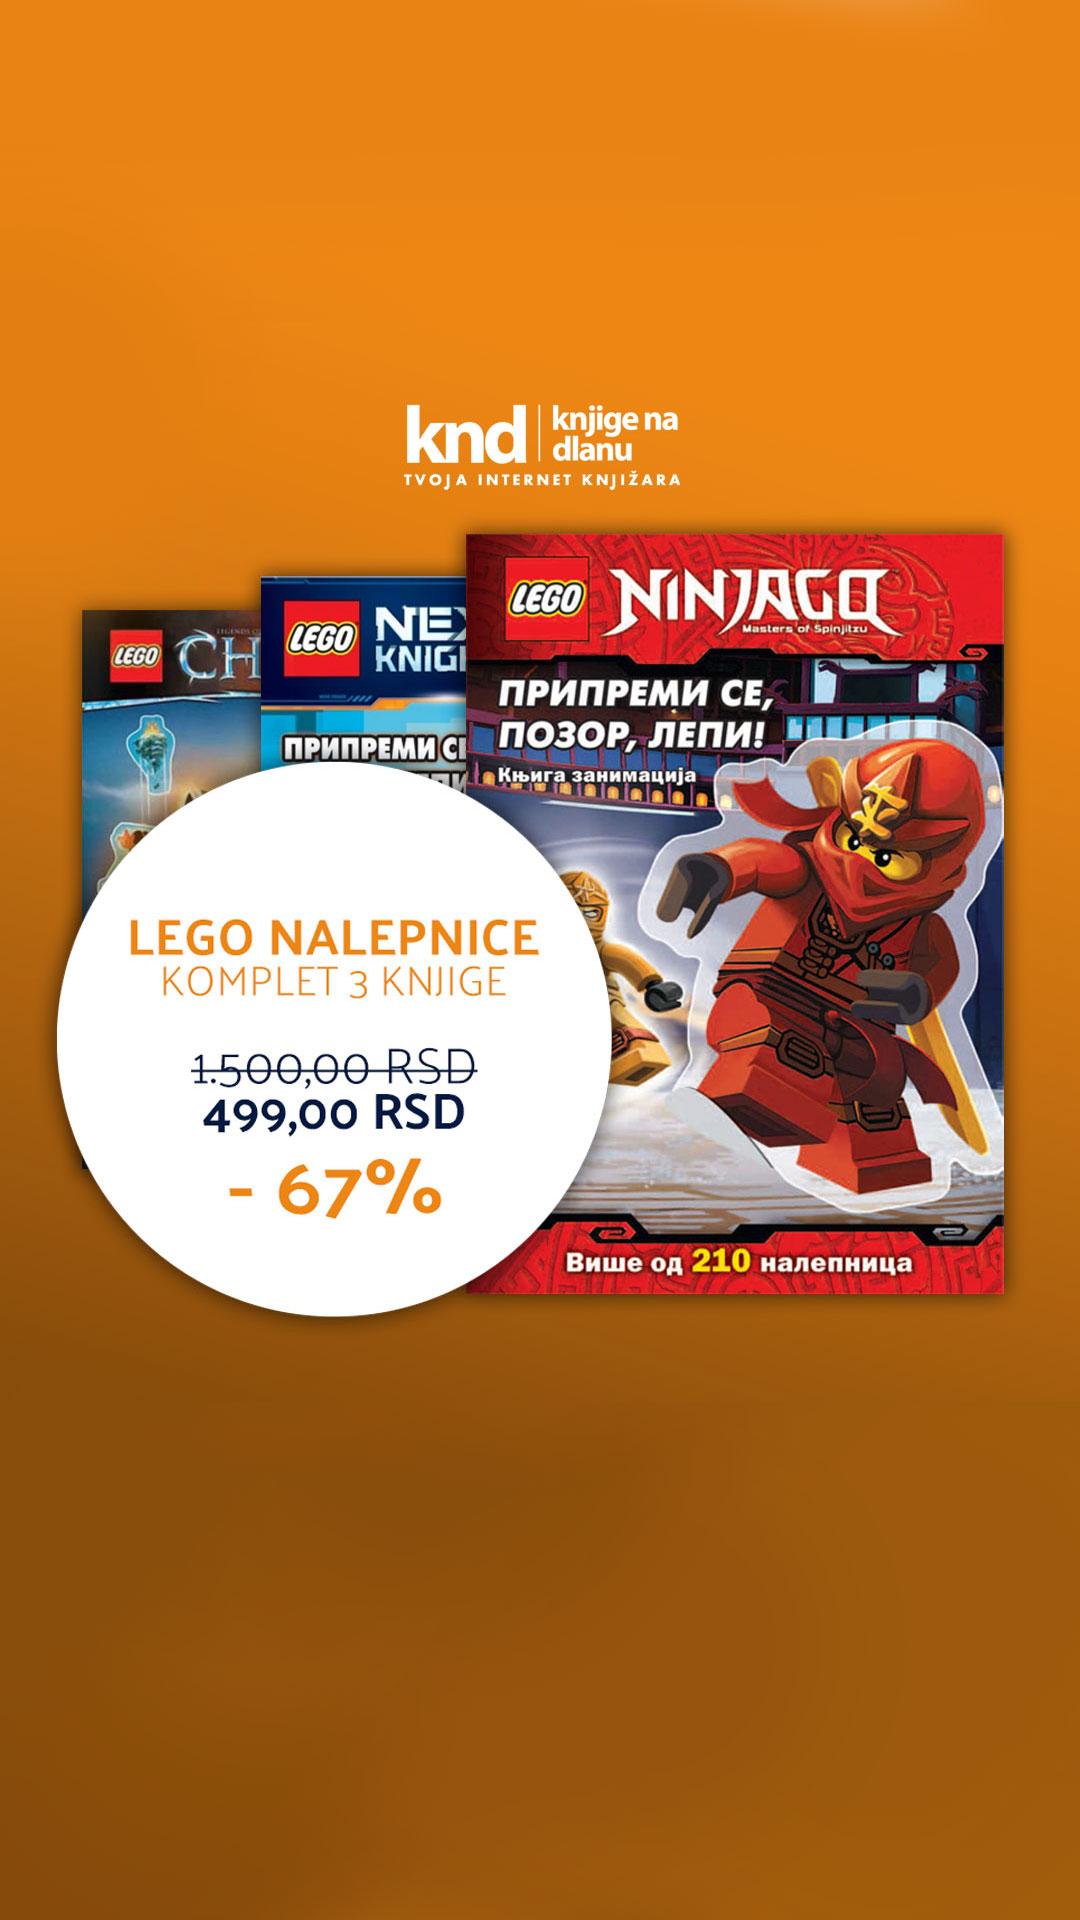 LEGO NALEPNICE KOMPLET – 3 KNJIGE ZA 499